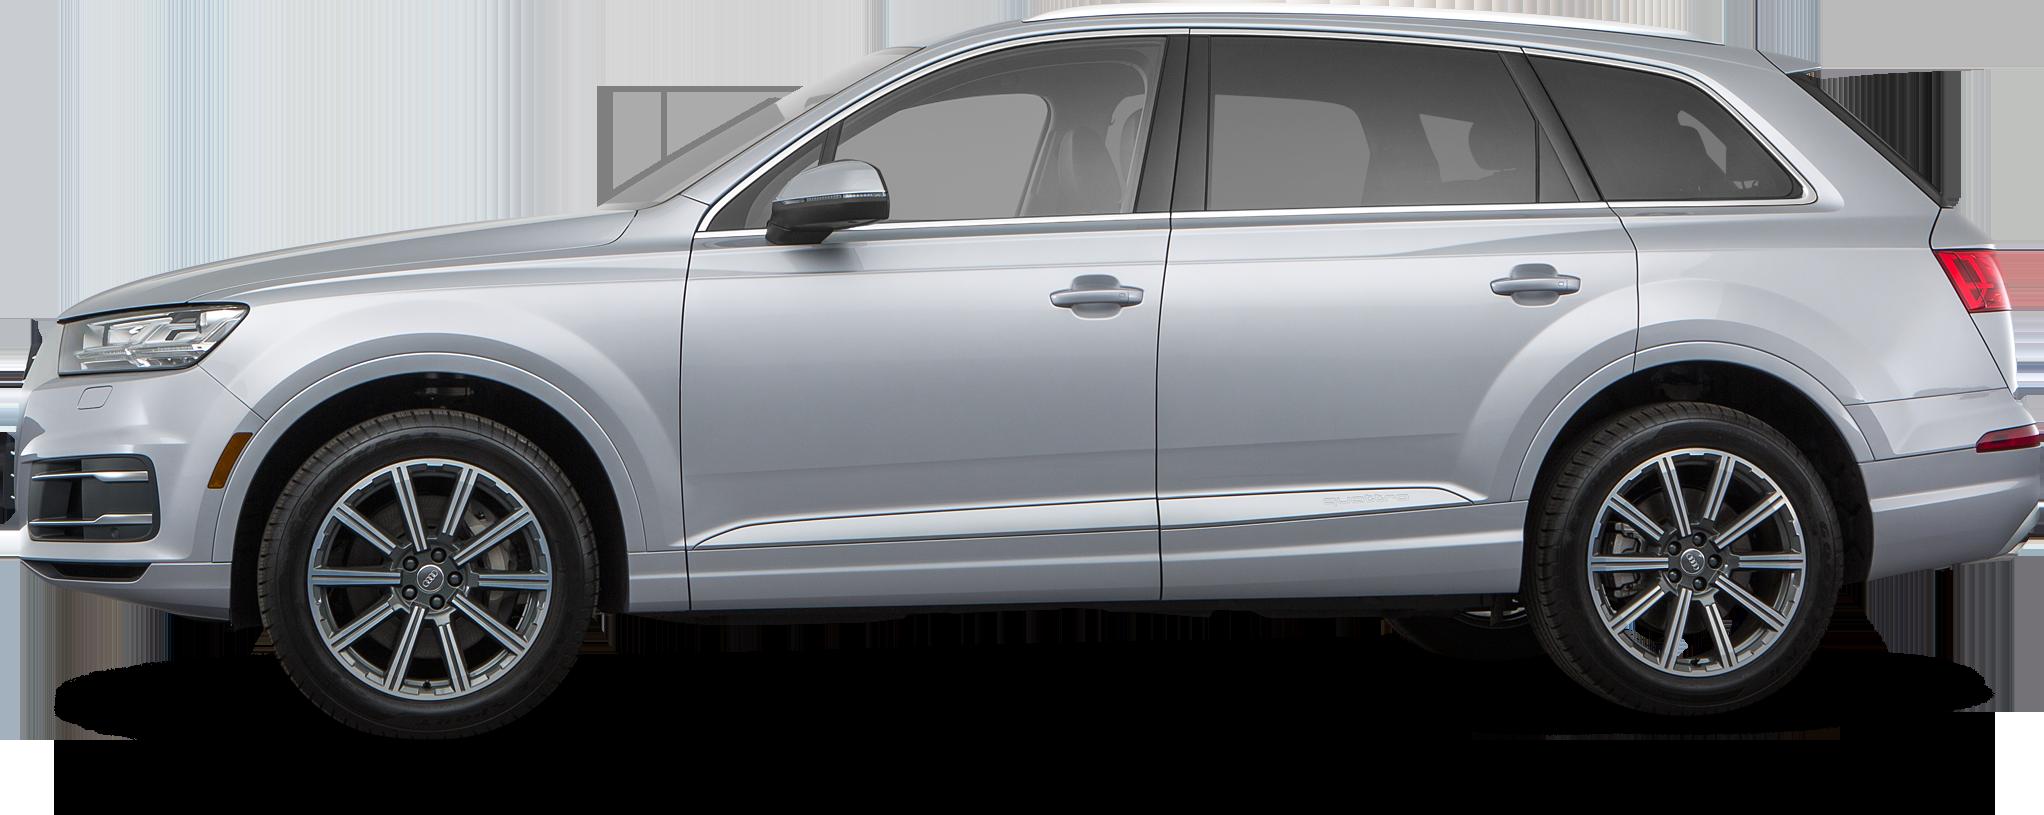 2019 Audi Q7 Exterior